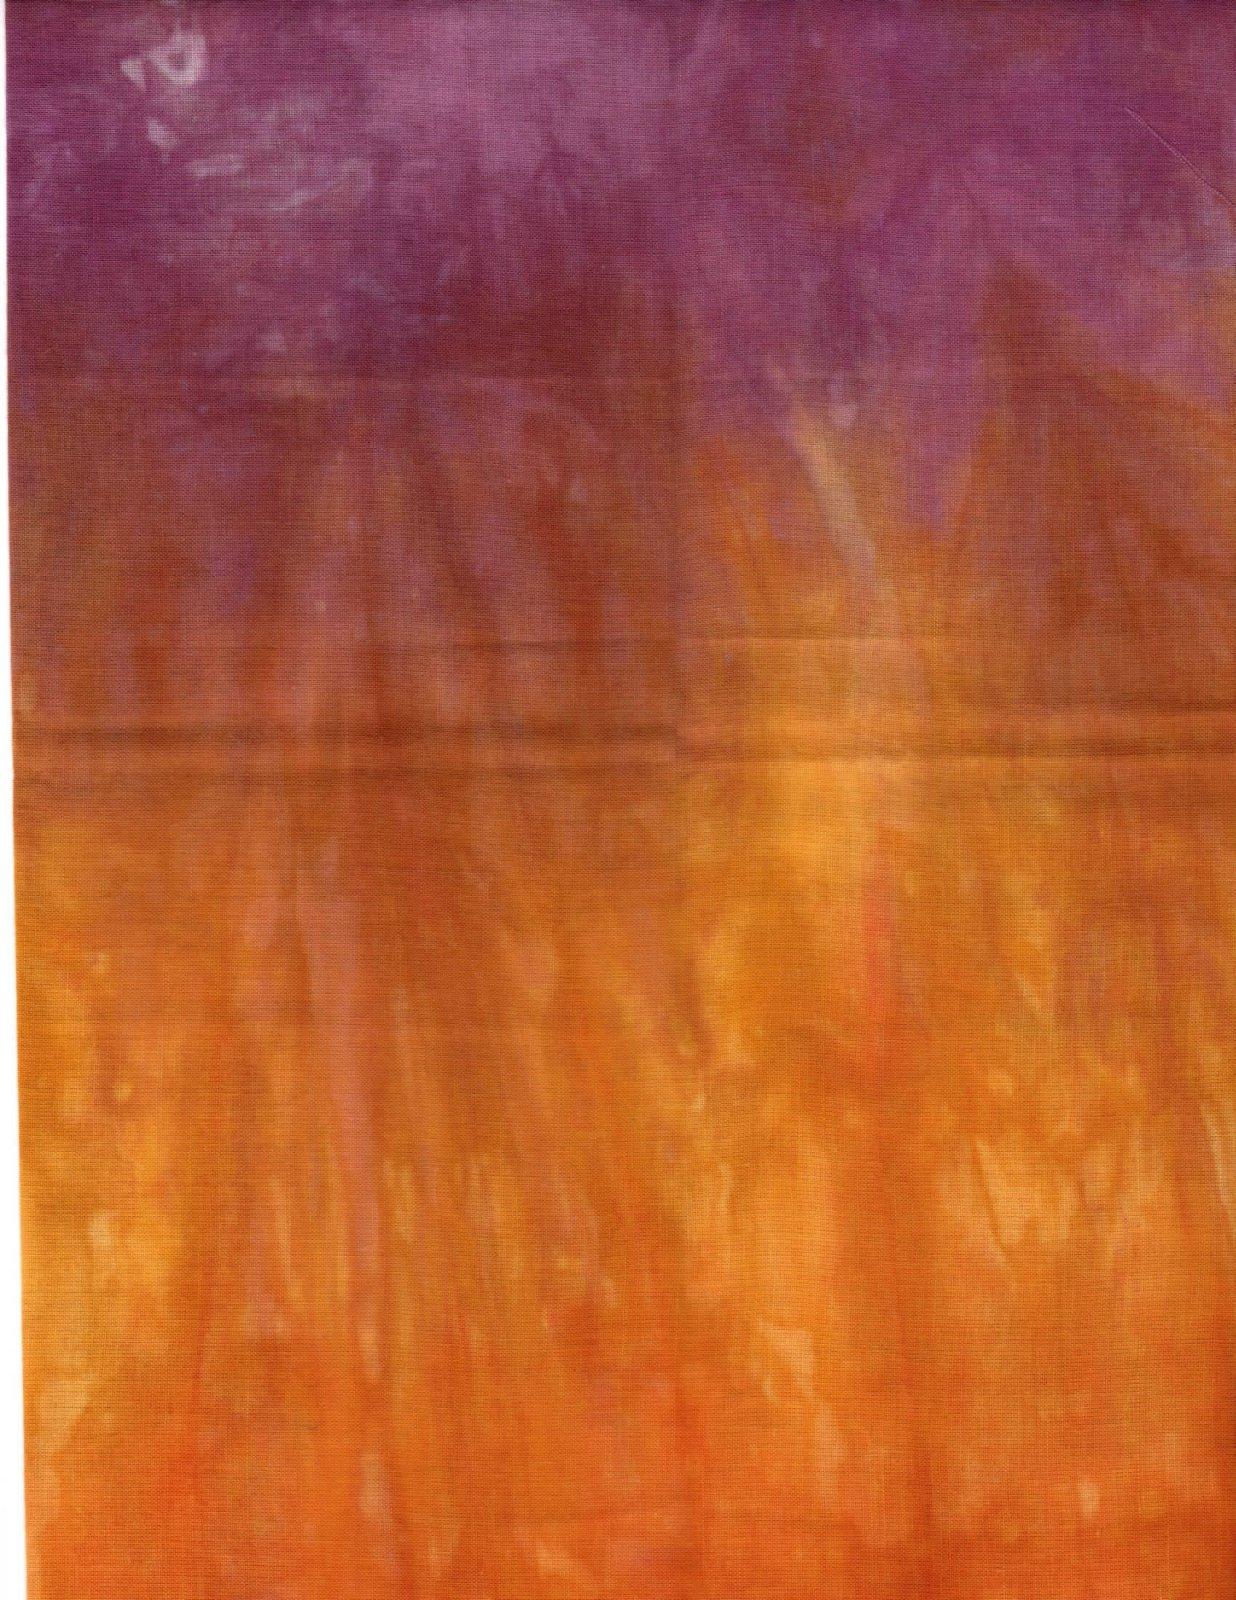 Gelato Hand-Dyed Organdy FQ